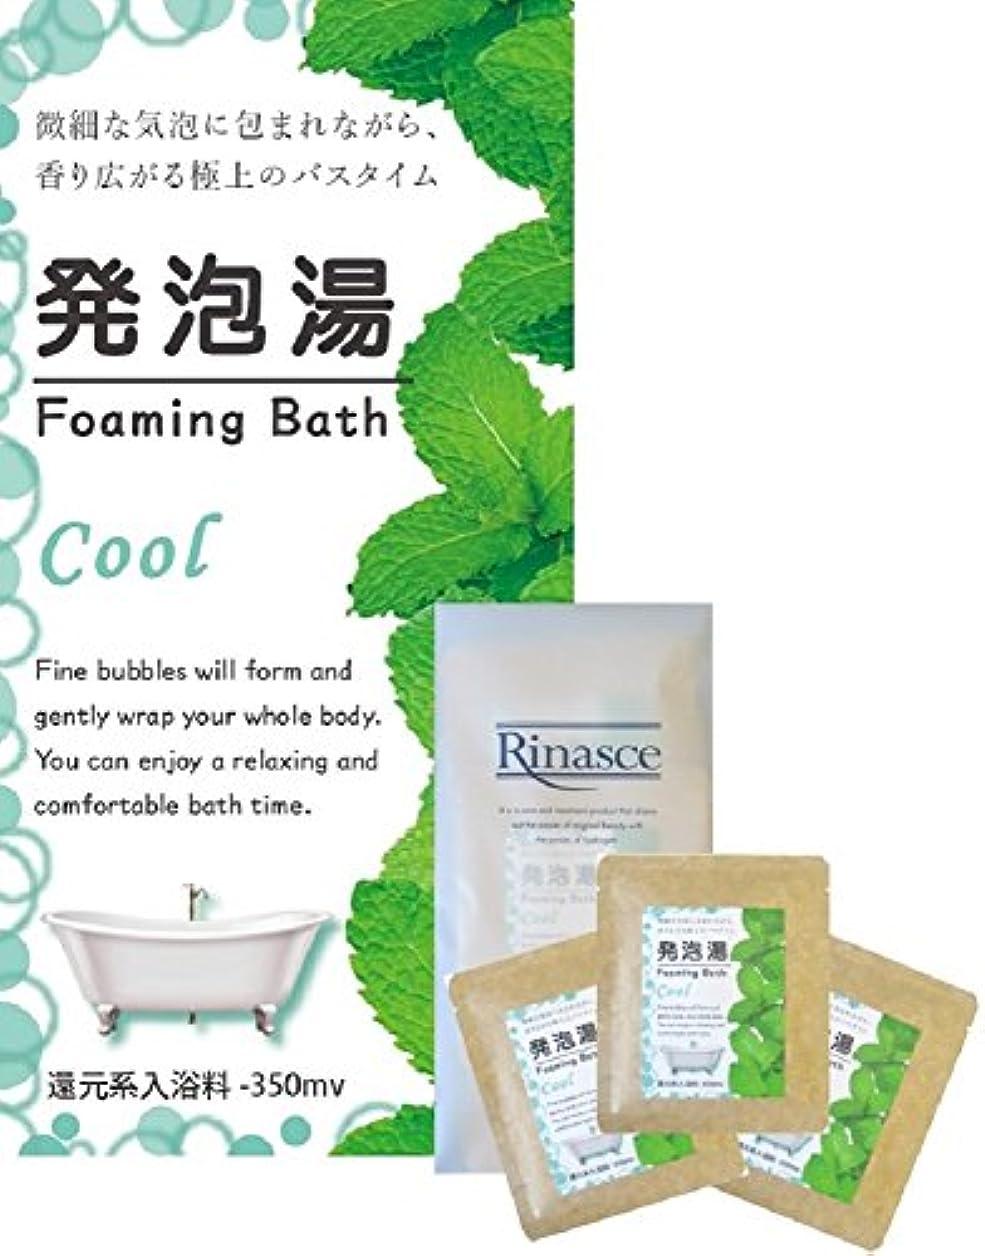 脚本家小麦危機【ゆうメール対象】発泡湯(はっぽうとう) Foaming Bath Cool クール 40g 3包セット/微細な気泡に包まれながら香り広がる極上のバスタイム